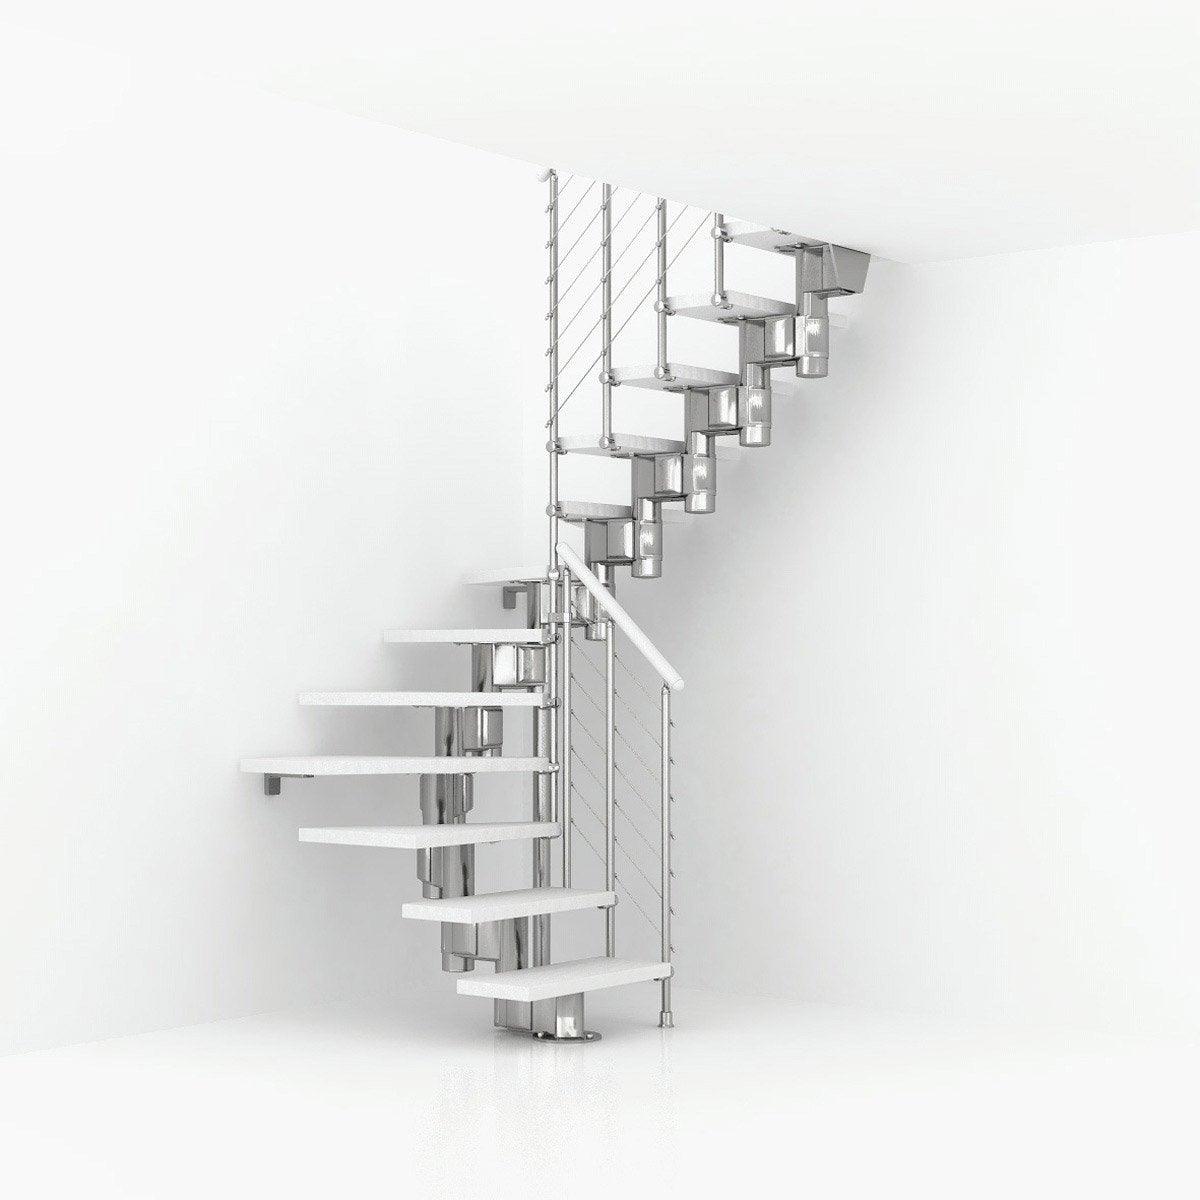 Escalier Bois Leroy Merlin : Escalier modulaire Long structure m?tal marche bois Leroy Merlin